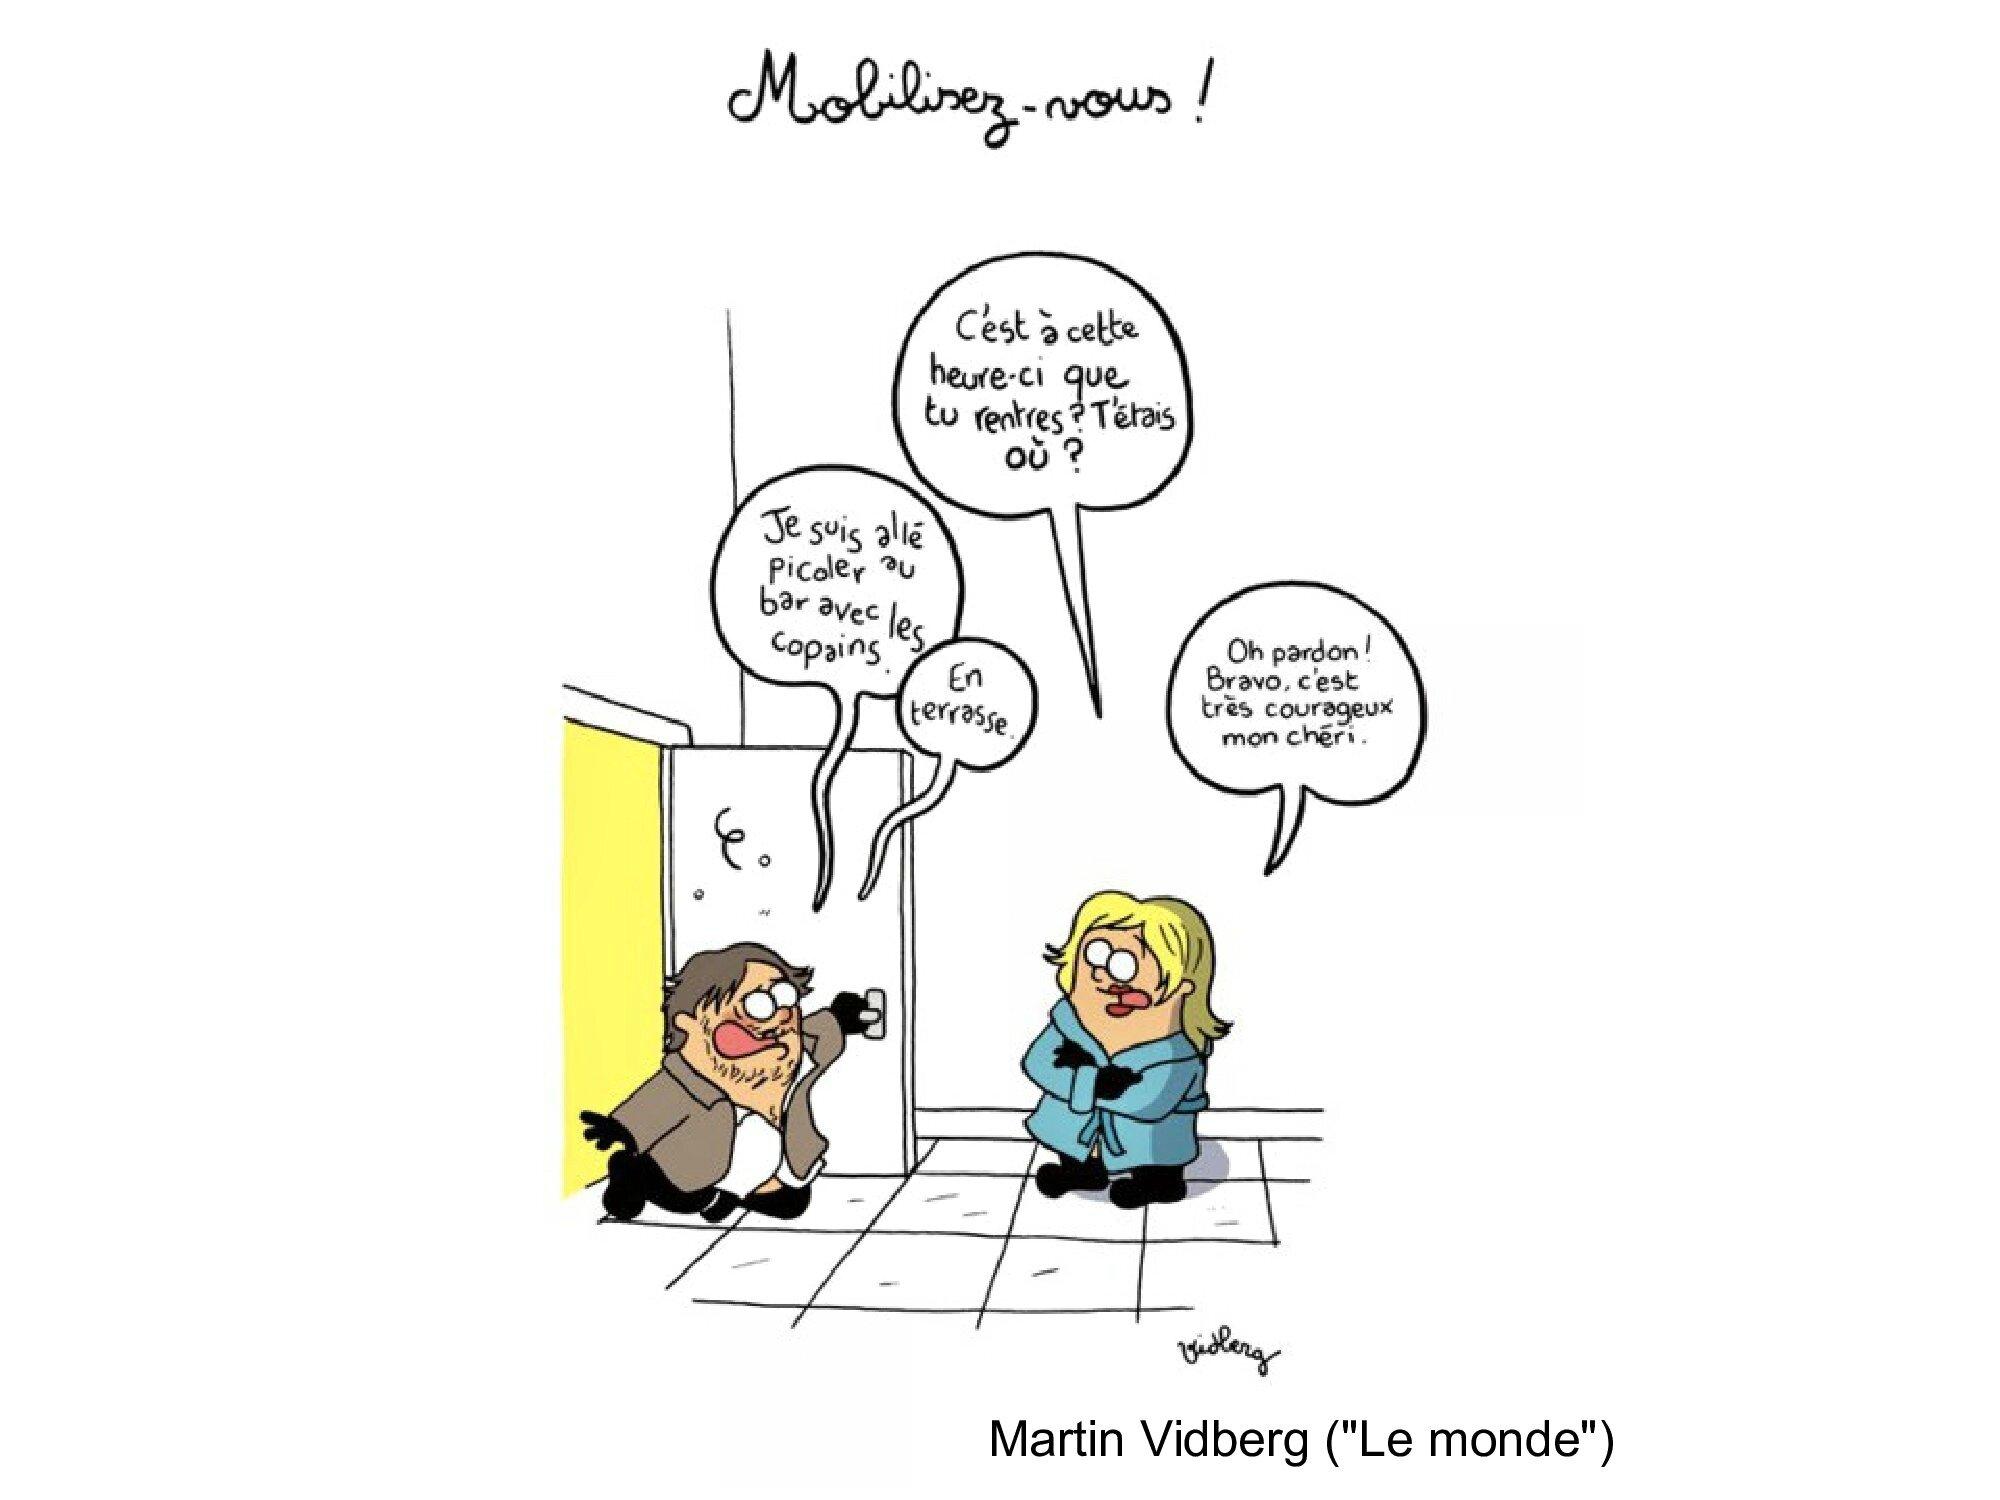 HOMMAGE des dessinateurs aux victimes des attentats de Paris 13 novembre 2015 (46)